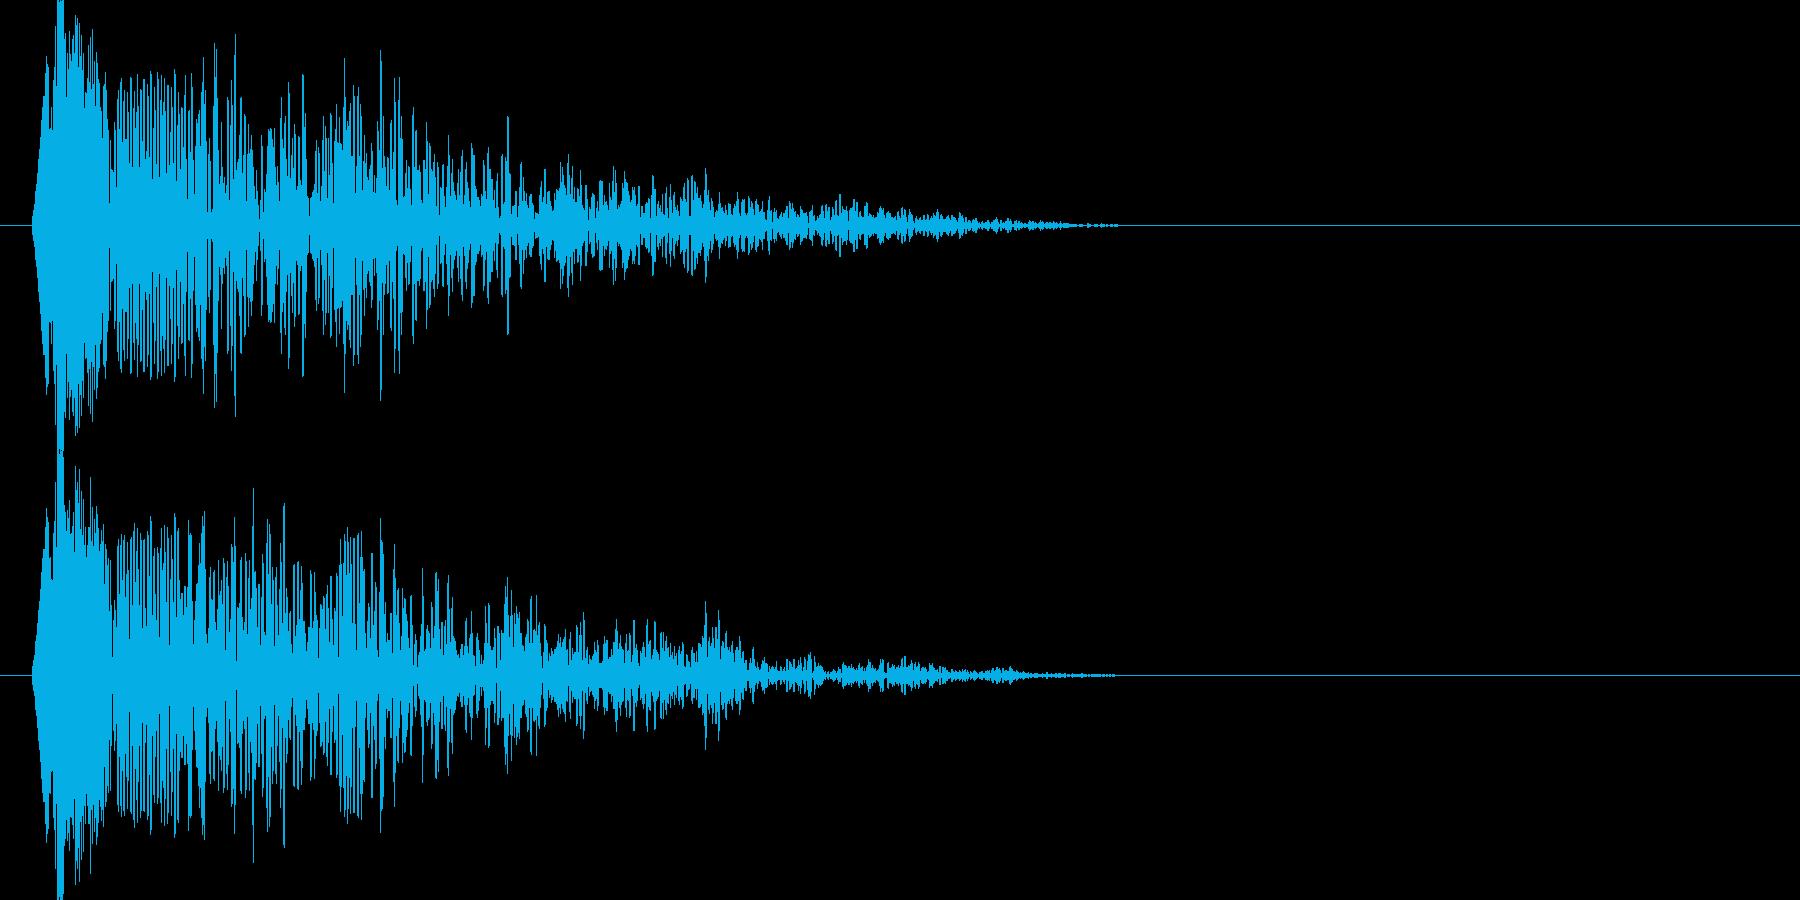 ドウウウーン(衝撃波)の再生済みの波形